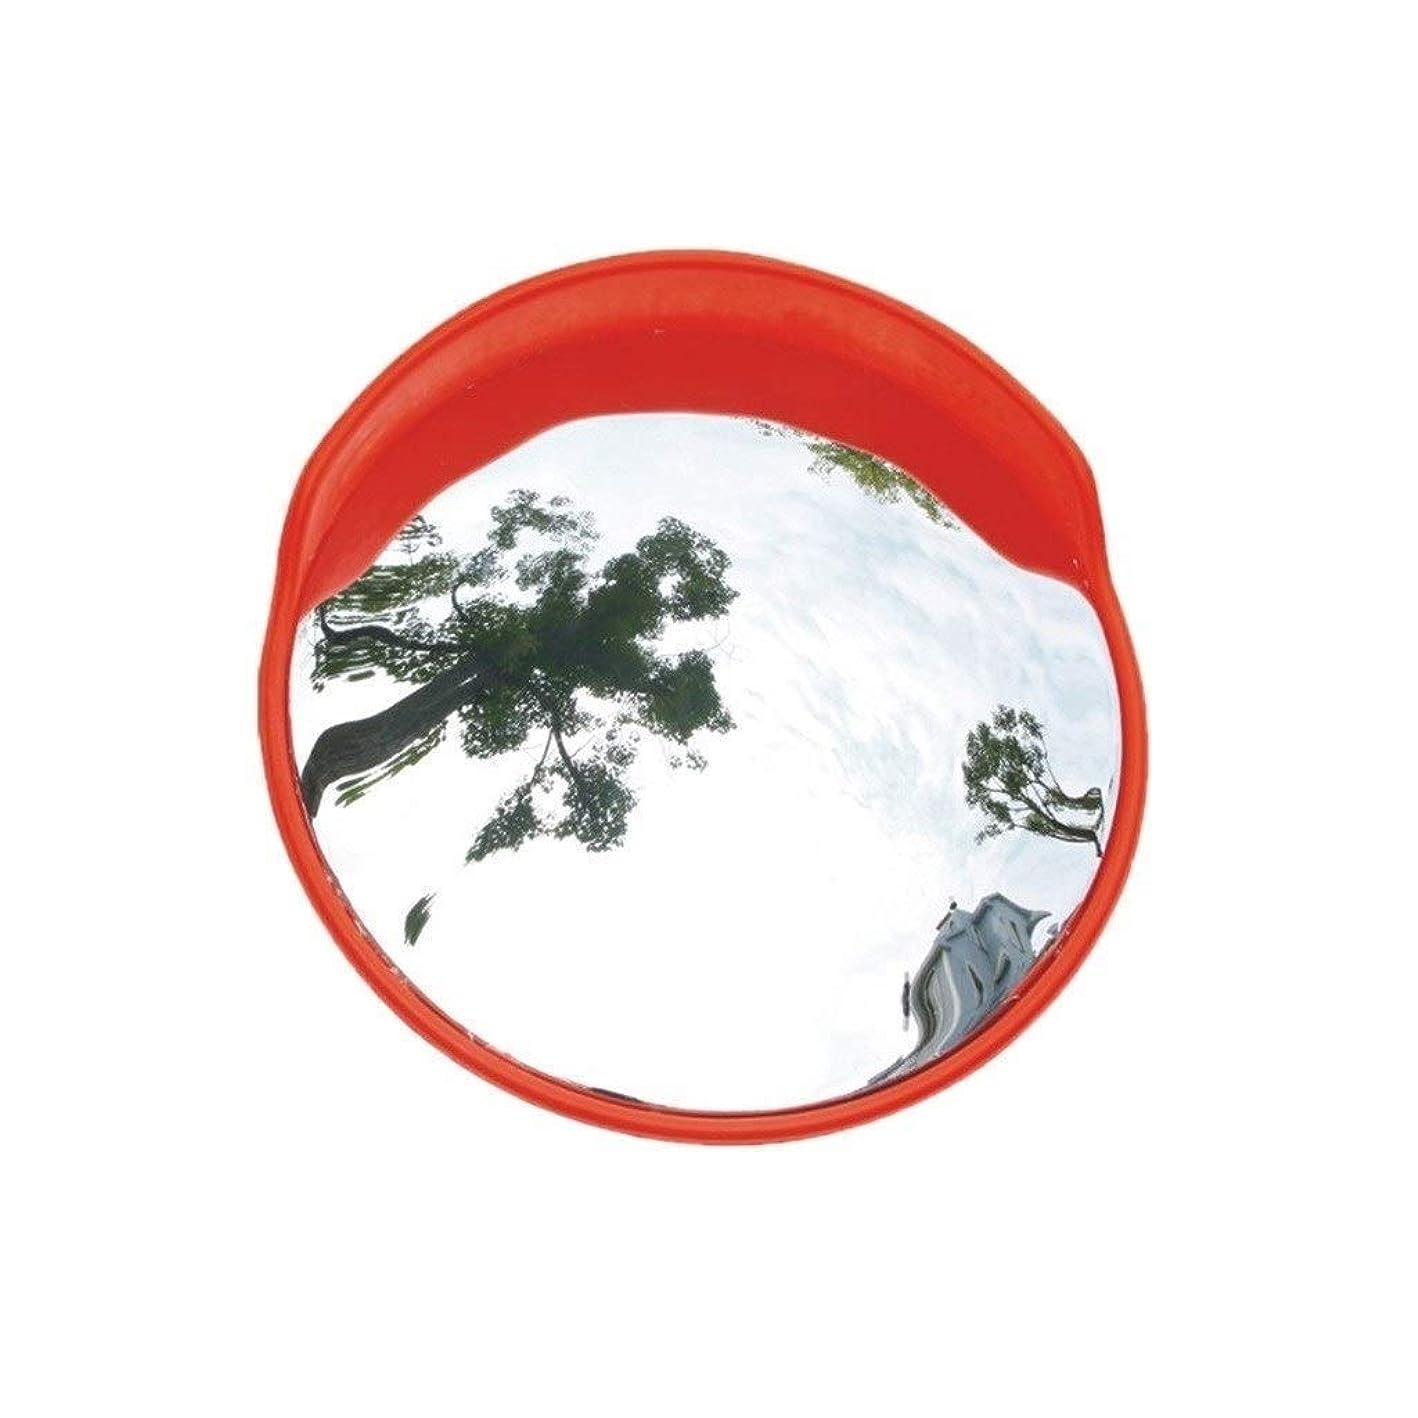 ペチュランスベテラン月大型凸広角レンズ、赤100CM交通用ミラー耐候性のある変形しない安全ミラーカーターニングミラー(サイズ:100CM)